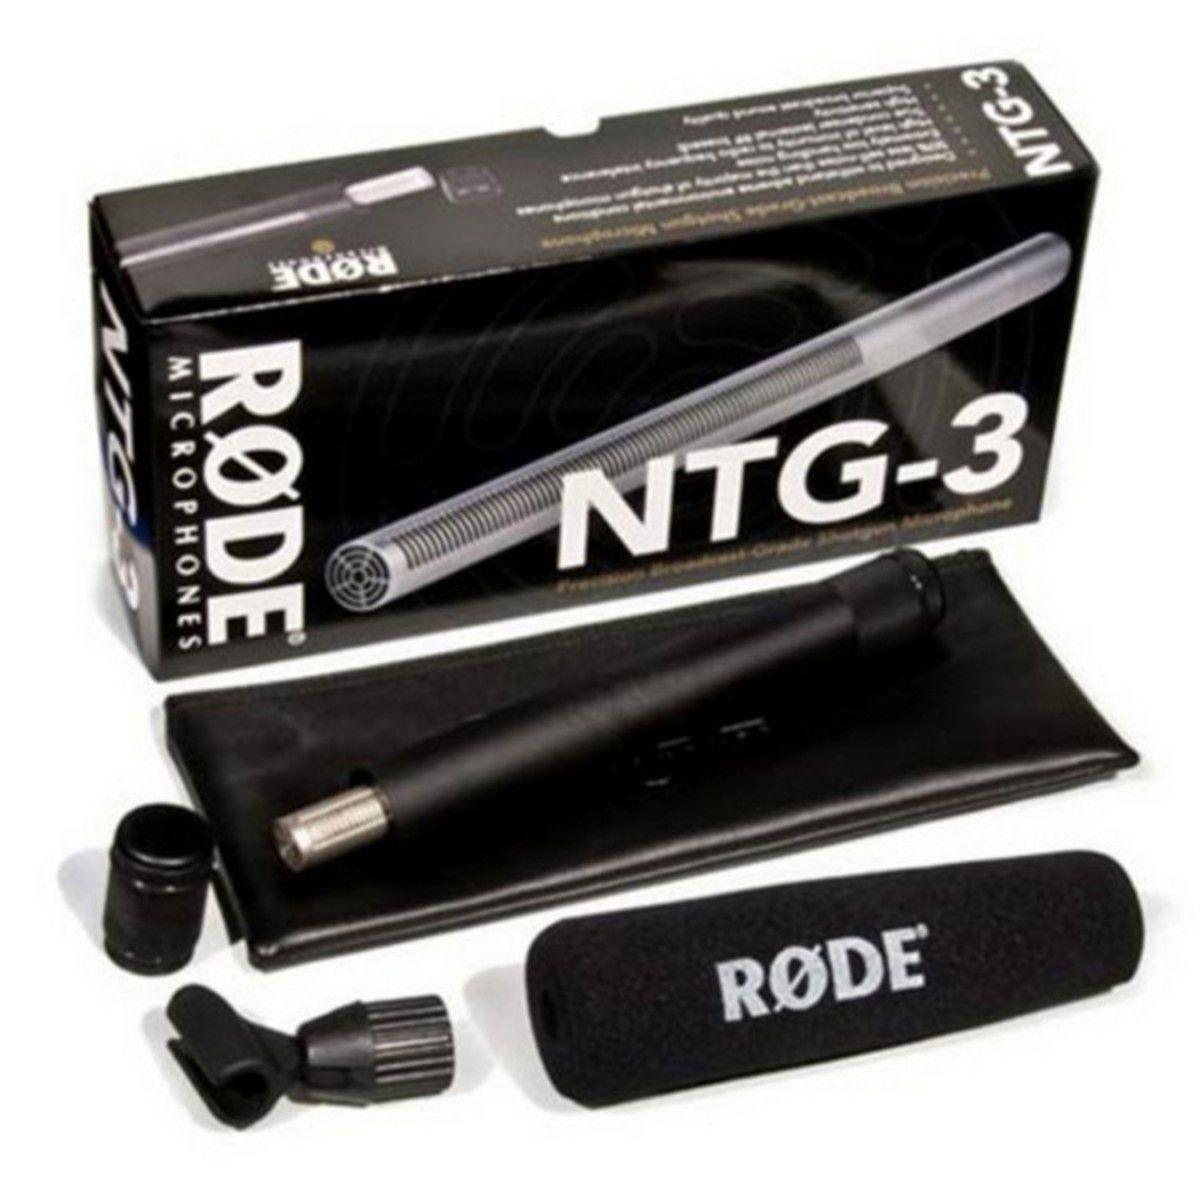 Rode NTG3 Shotgun Condenser Microphone